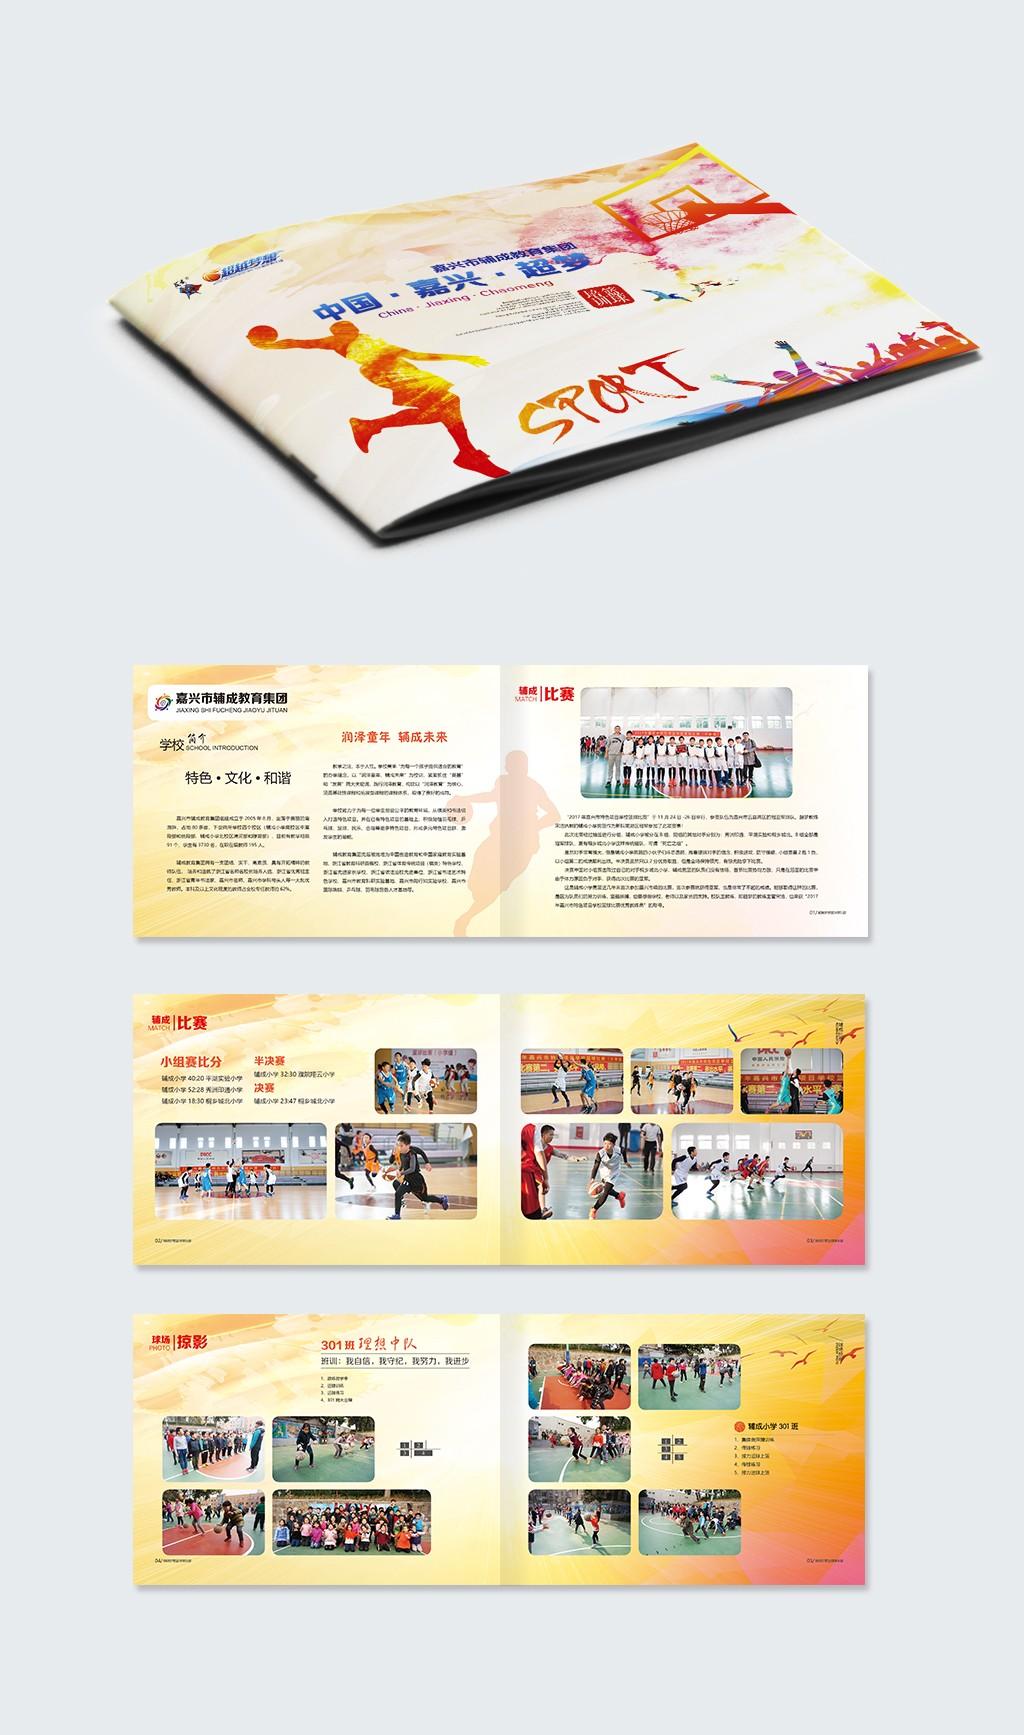 嘉兴市超梦篮球俱乐部画册设计